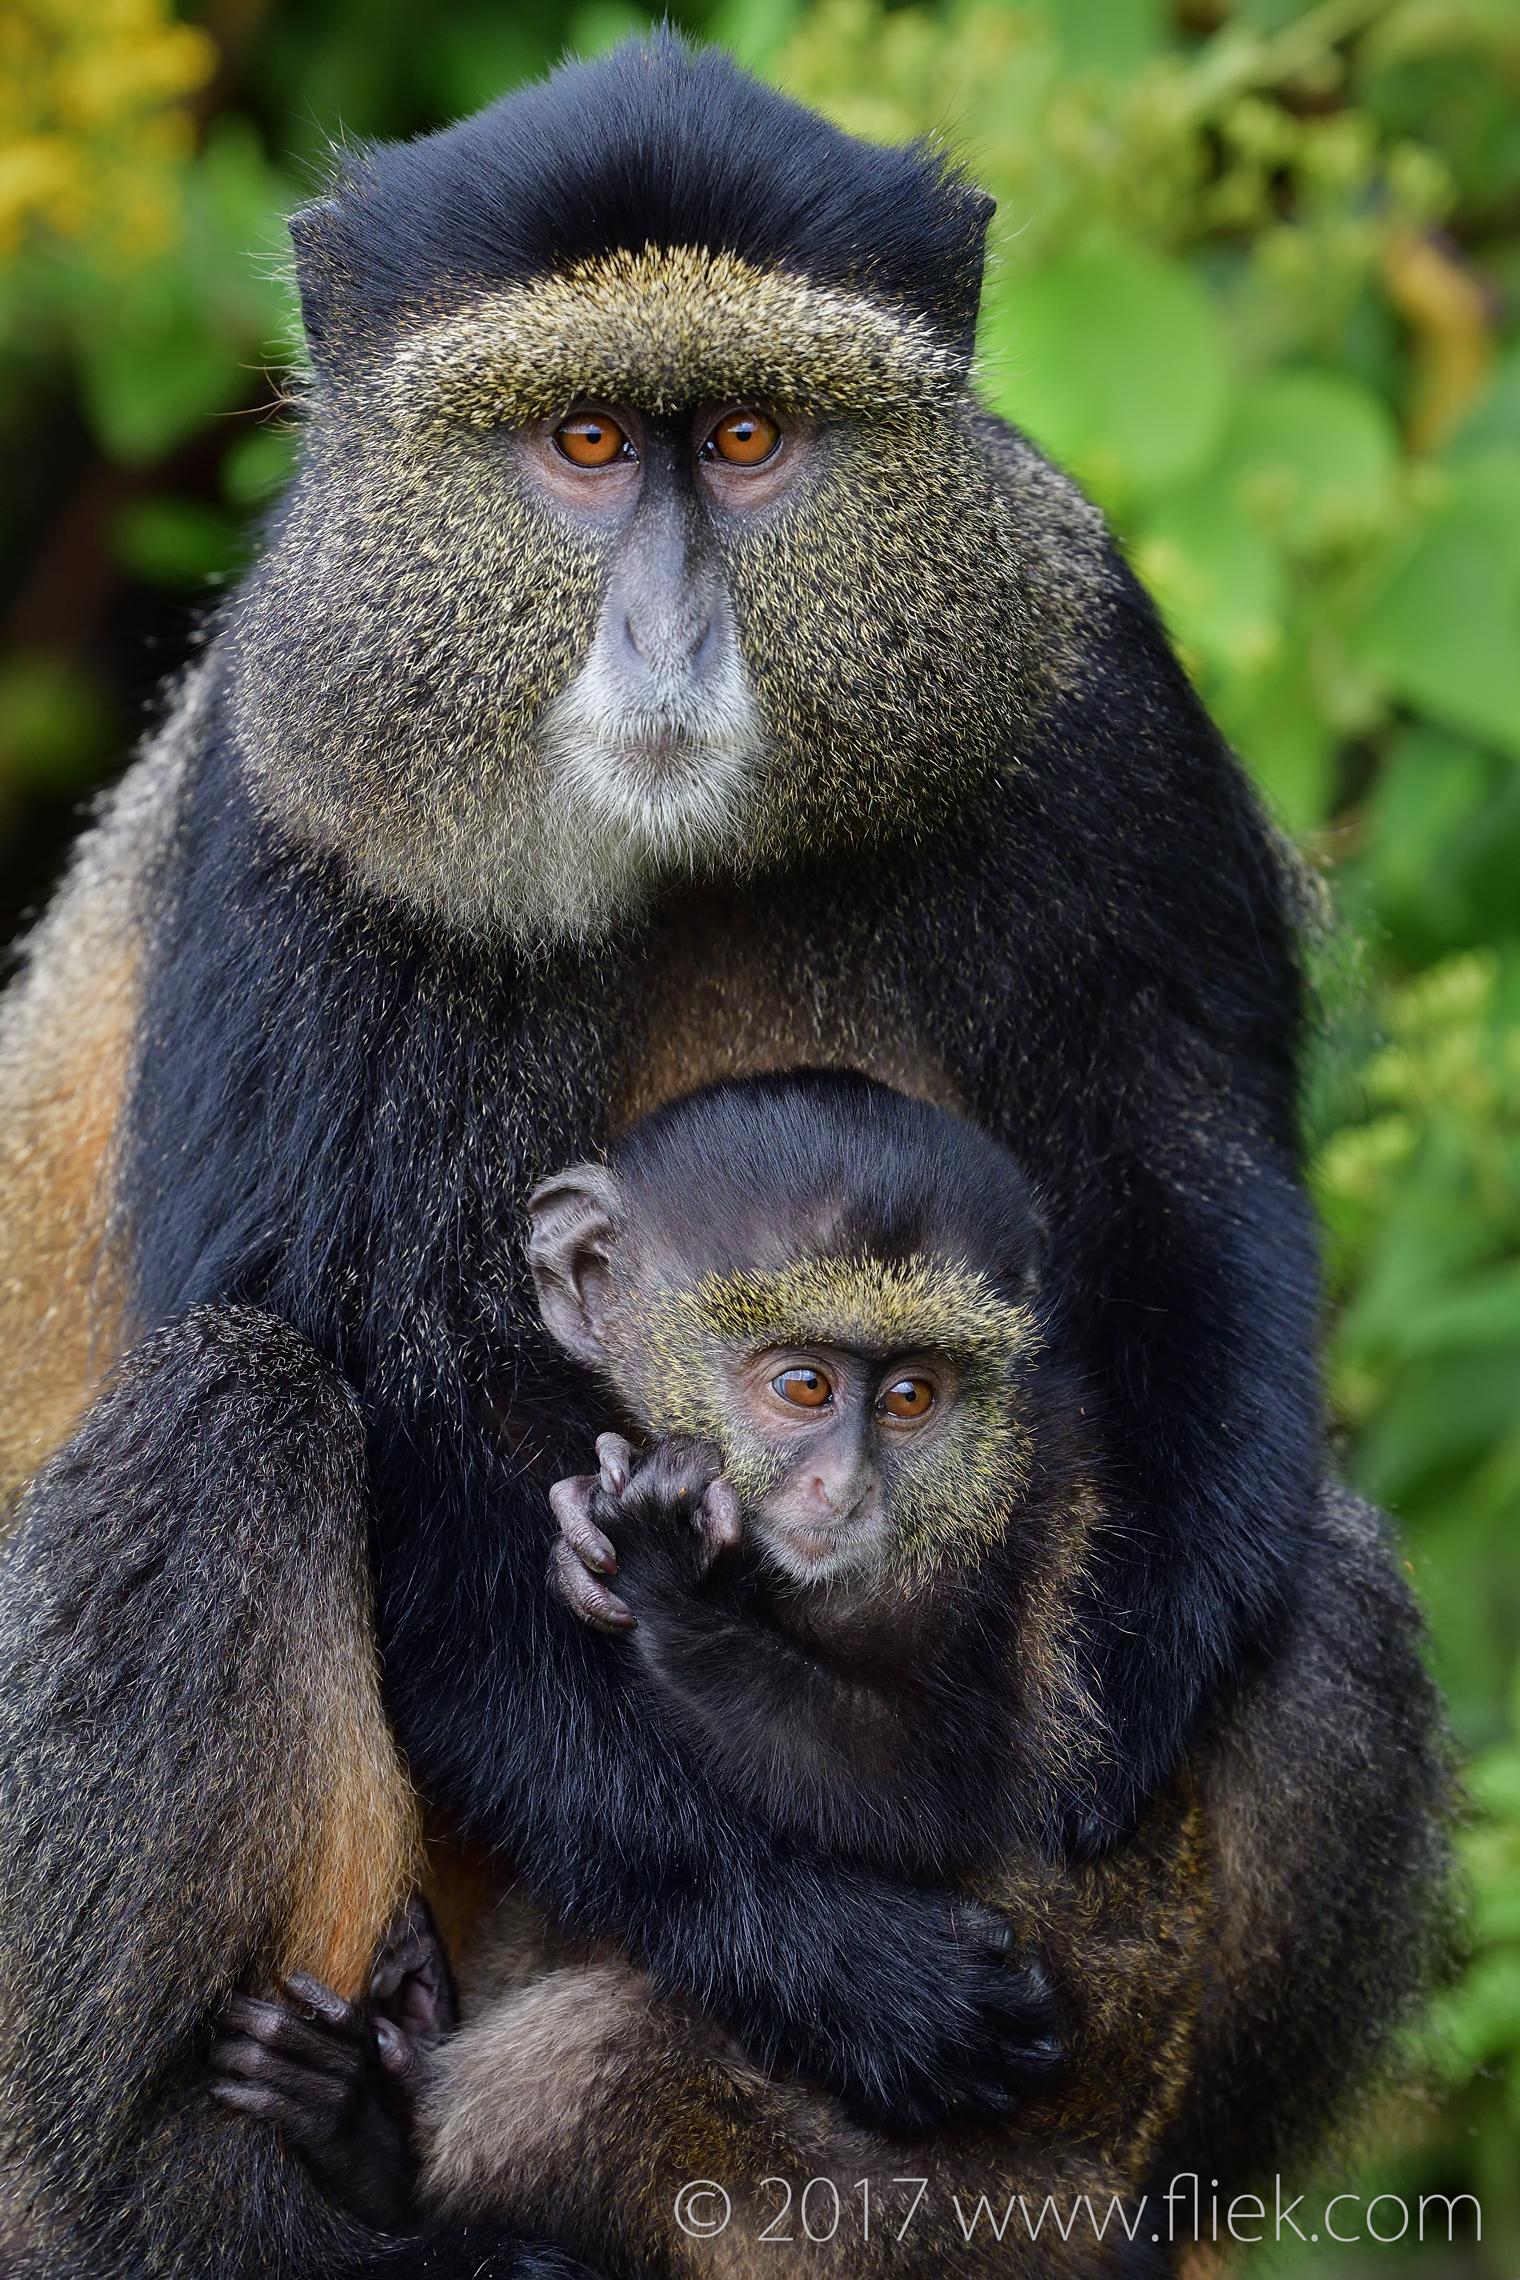 Golden Monkeys of Volcanoes National Park – part 1: Nikon D500 & 70-200mm f/2.8E FL combo